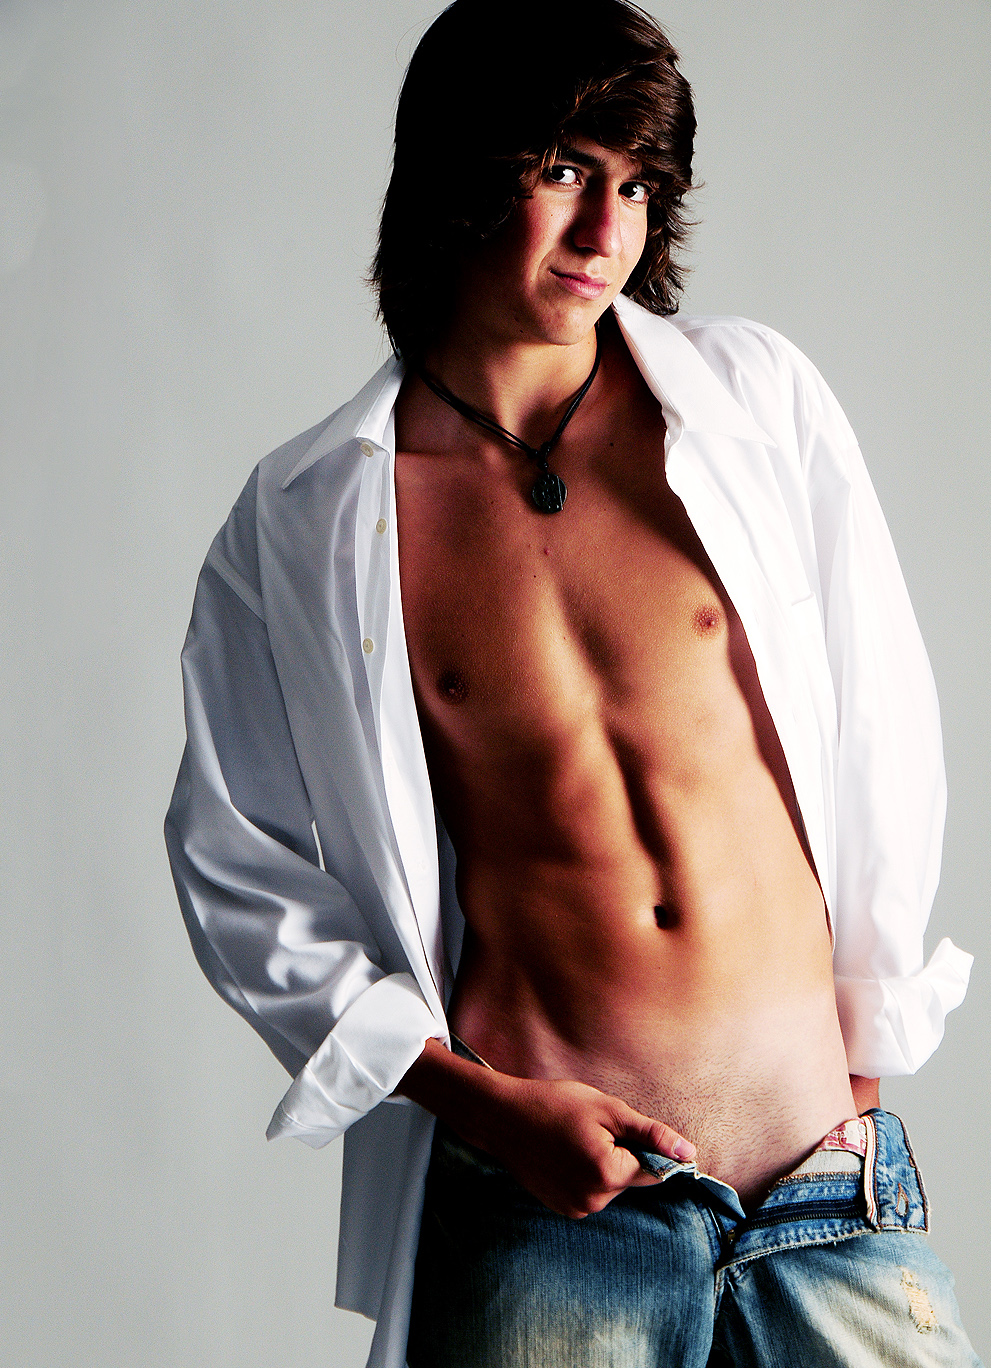 ModelTeenz Stephen